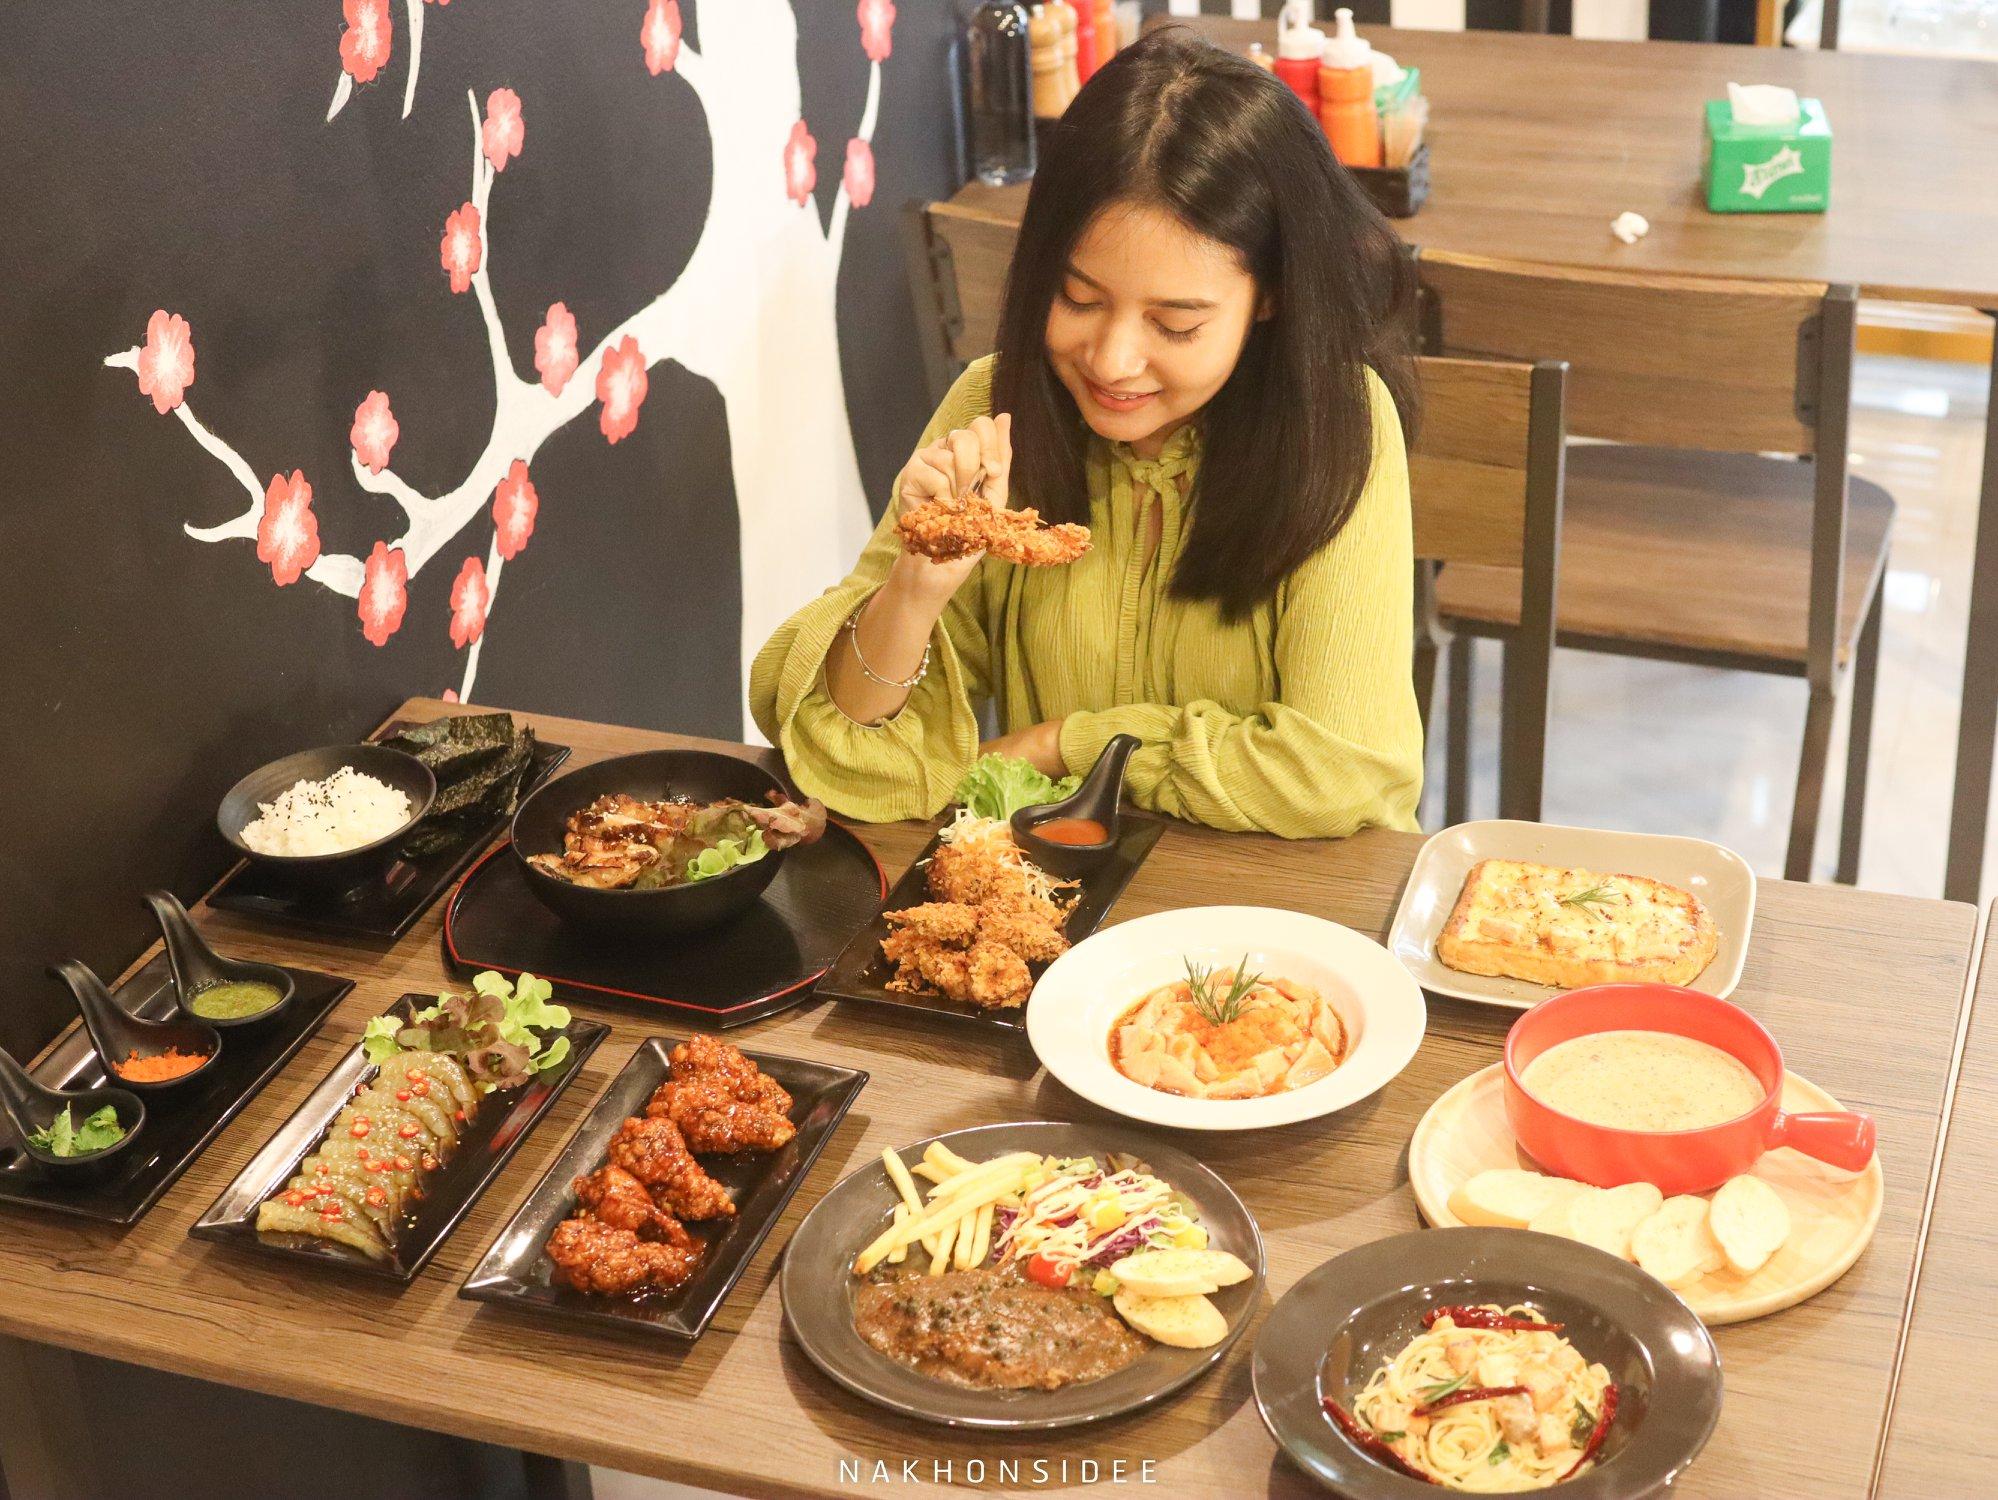 อาหาร,เครื่องดื่ม,เกาหลี,ญี่ปุ่น,อาหารไทย,ฝรั่ง,คาเฟ่,นครศรีธรรมราช